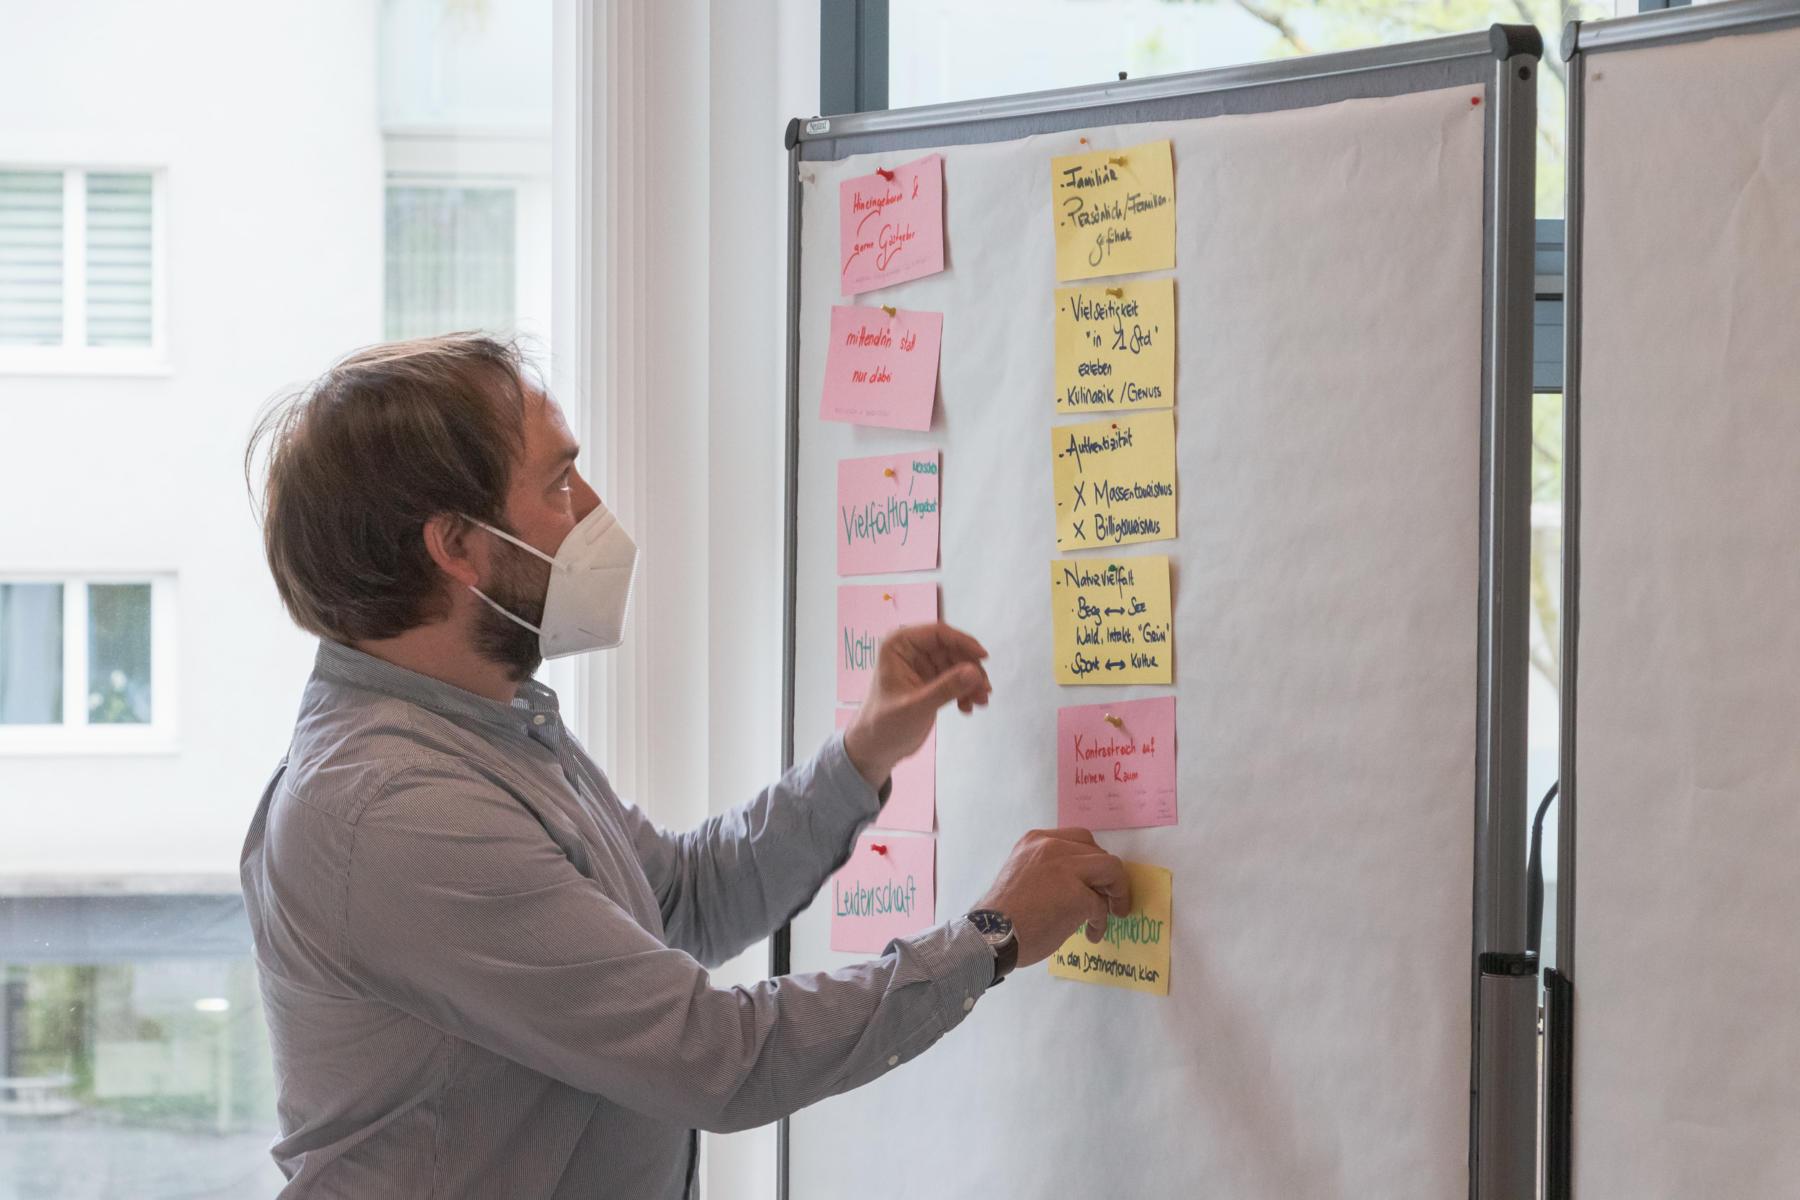 vorarlberg tourismus workshop 9 1800x1200 - Spannende Fokusgruppen und Fach-Workshops zur Evaluierung der bisherigen Tourismusstrategie